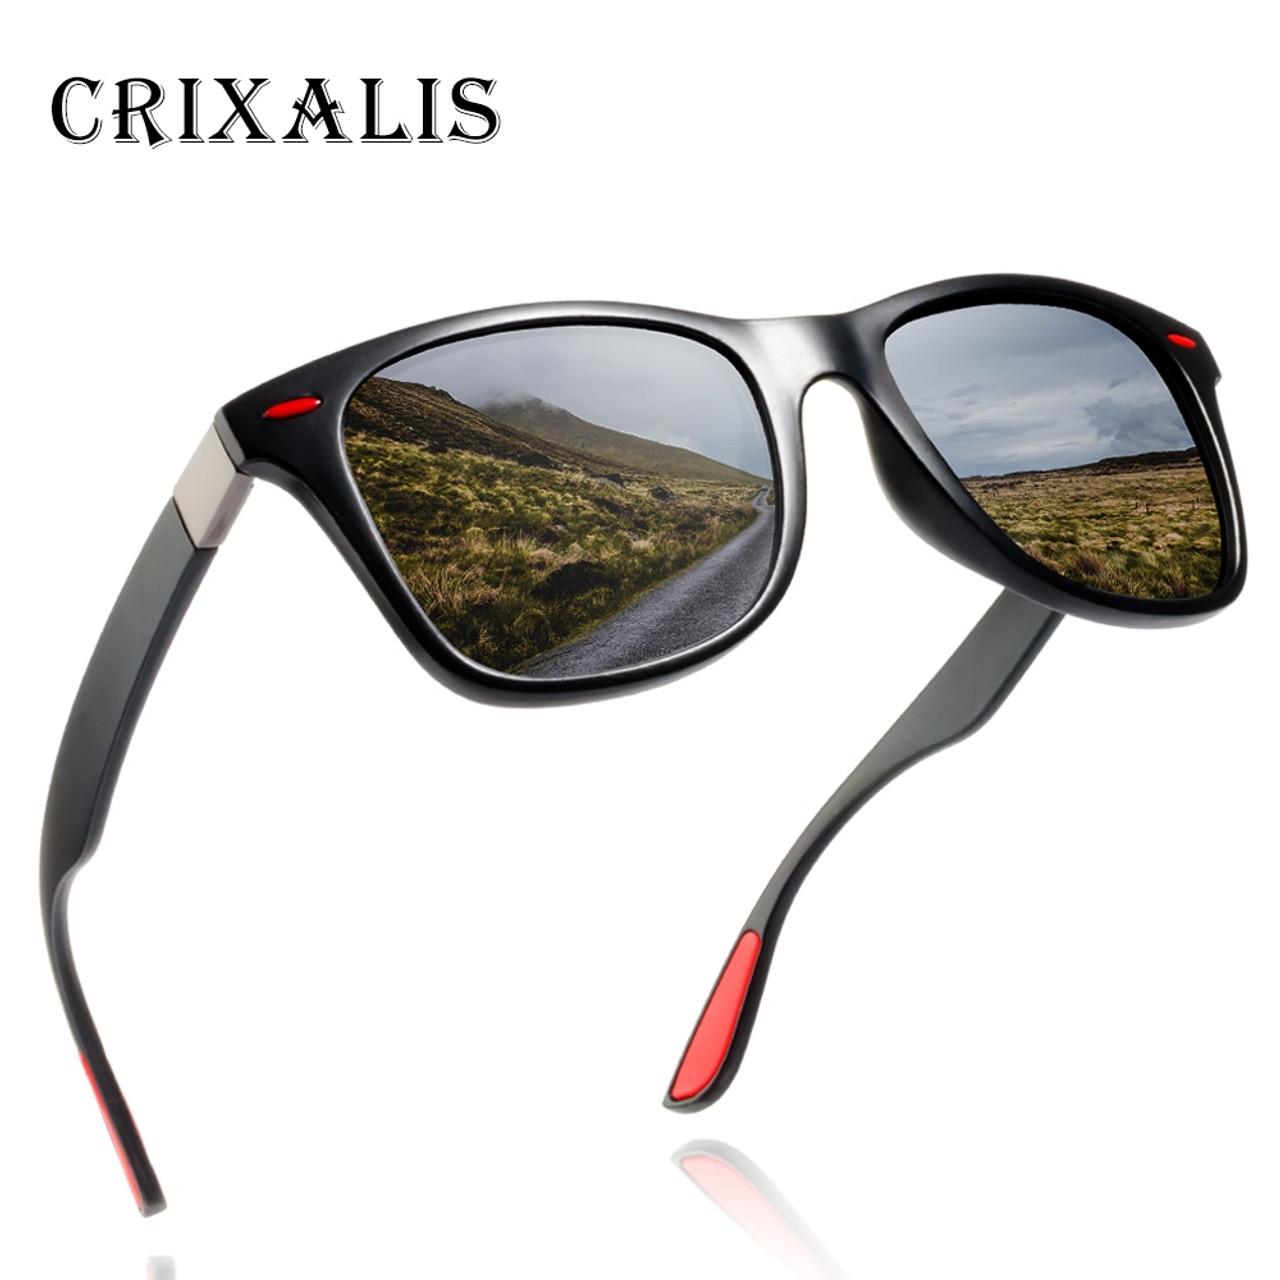 099dffc0ba Crixalis BRAND DESIGN 2018 New Polarized Sunglasses Men Retro Square Driving  Sun Glasses Male Goggles UV400 ...